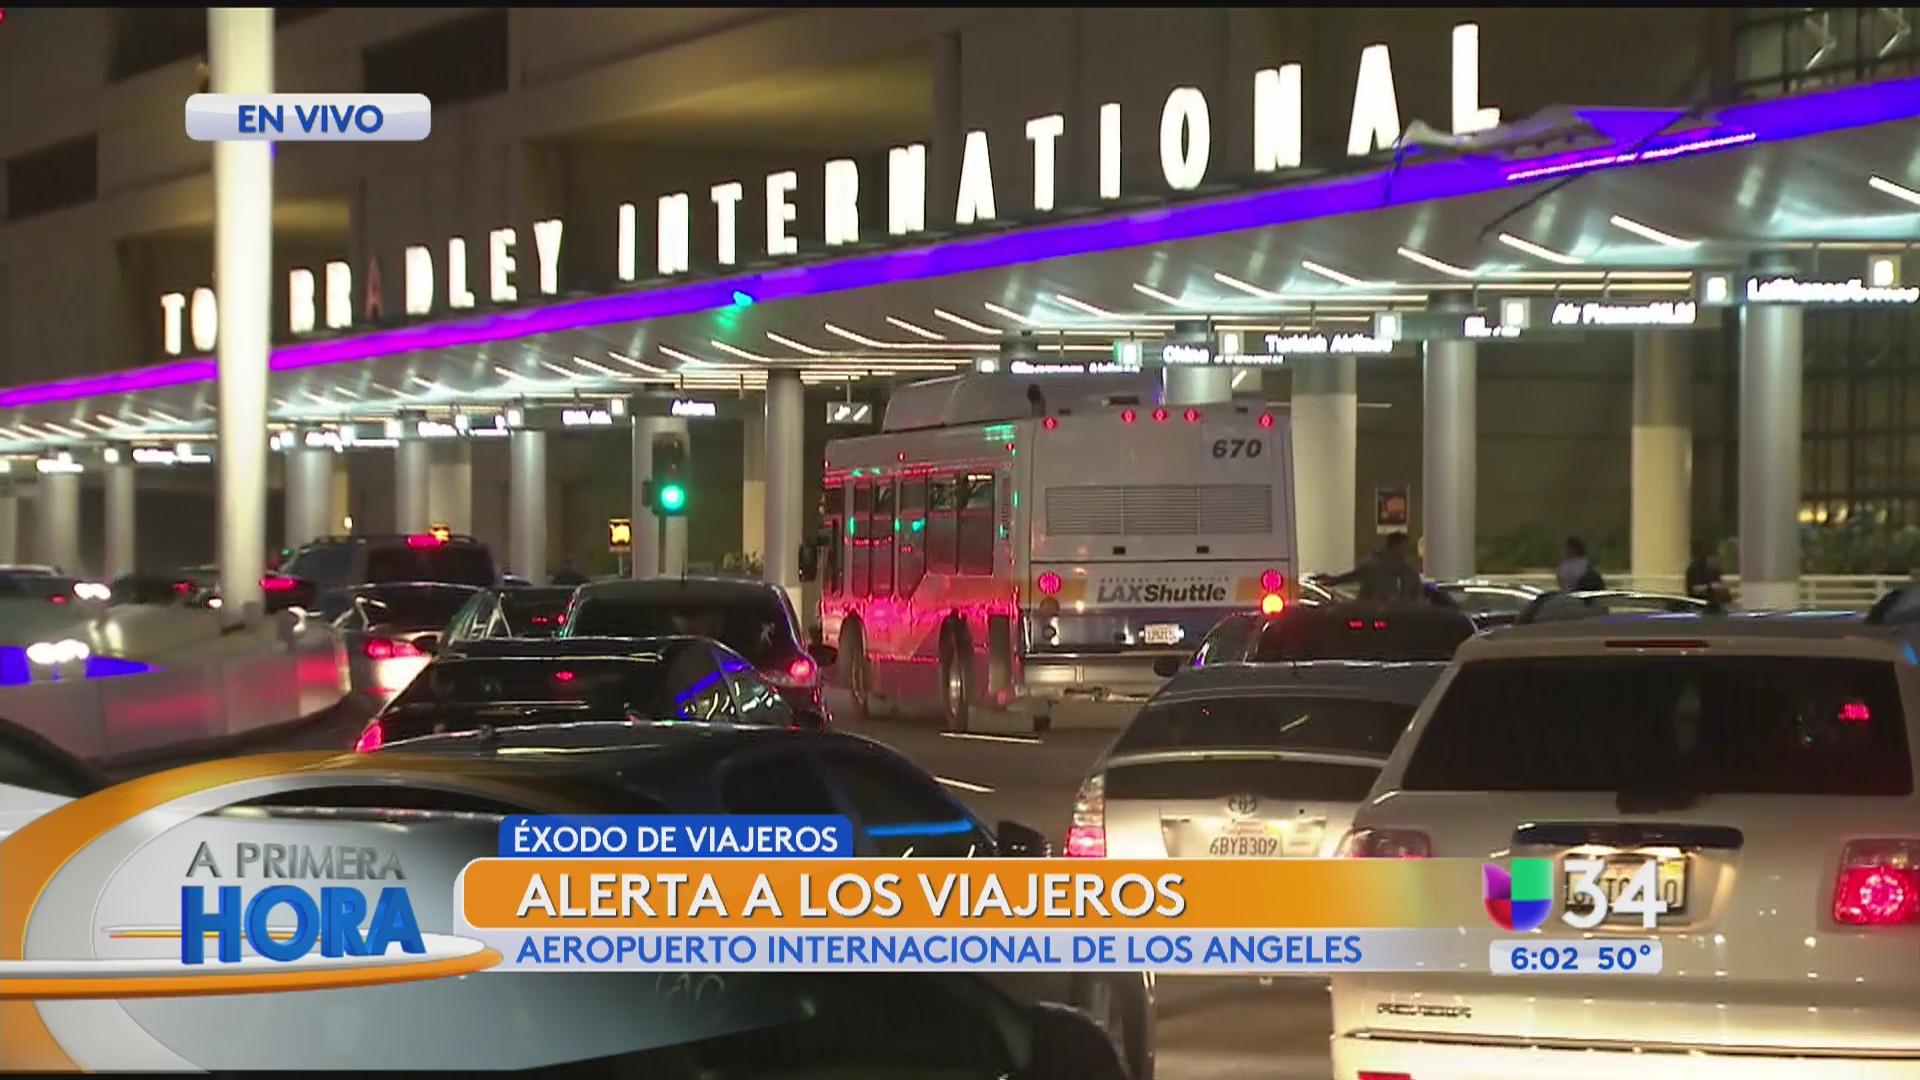 Éxodo de viajeros en el aeropuerto de Los Ángeles